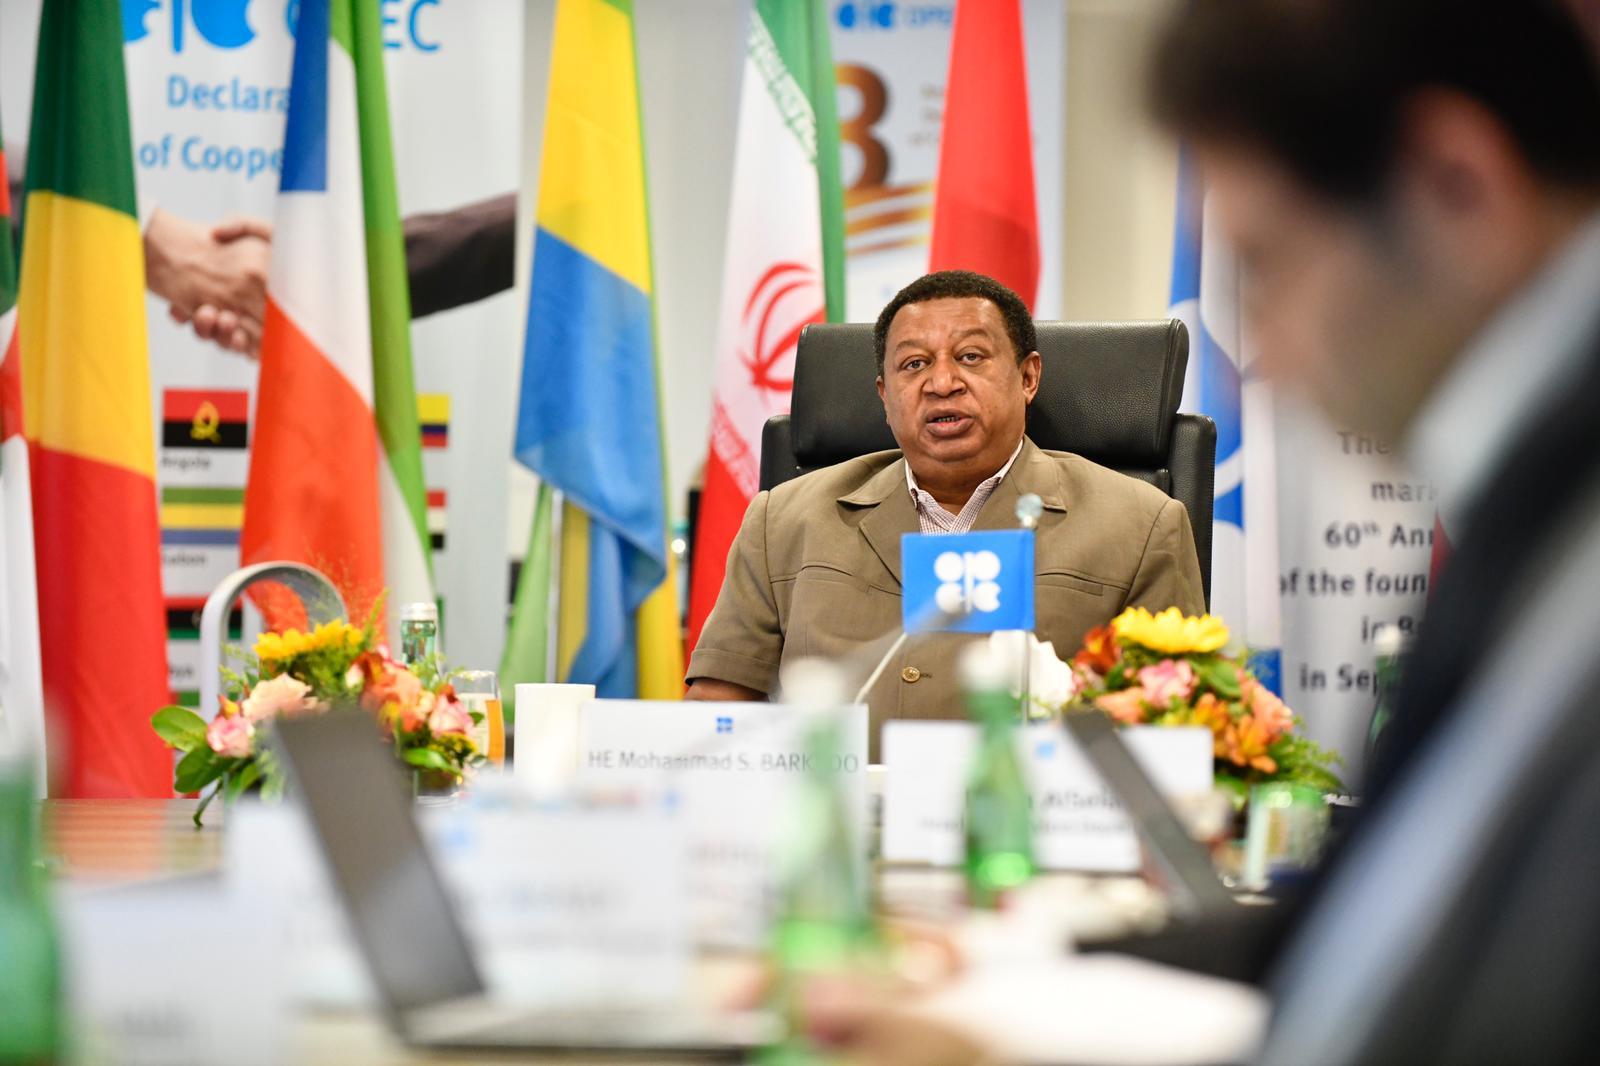 Mohammed Sanusi Barkindo, S.G. of OPEC